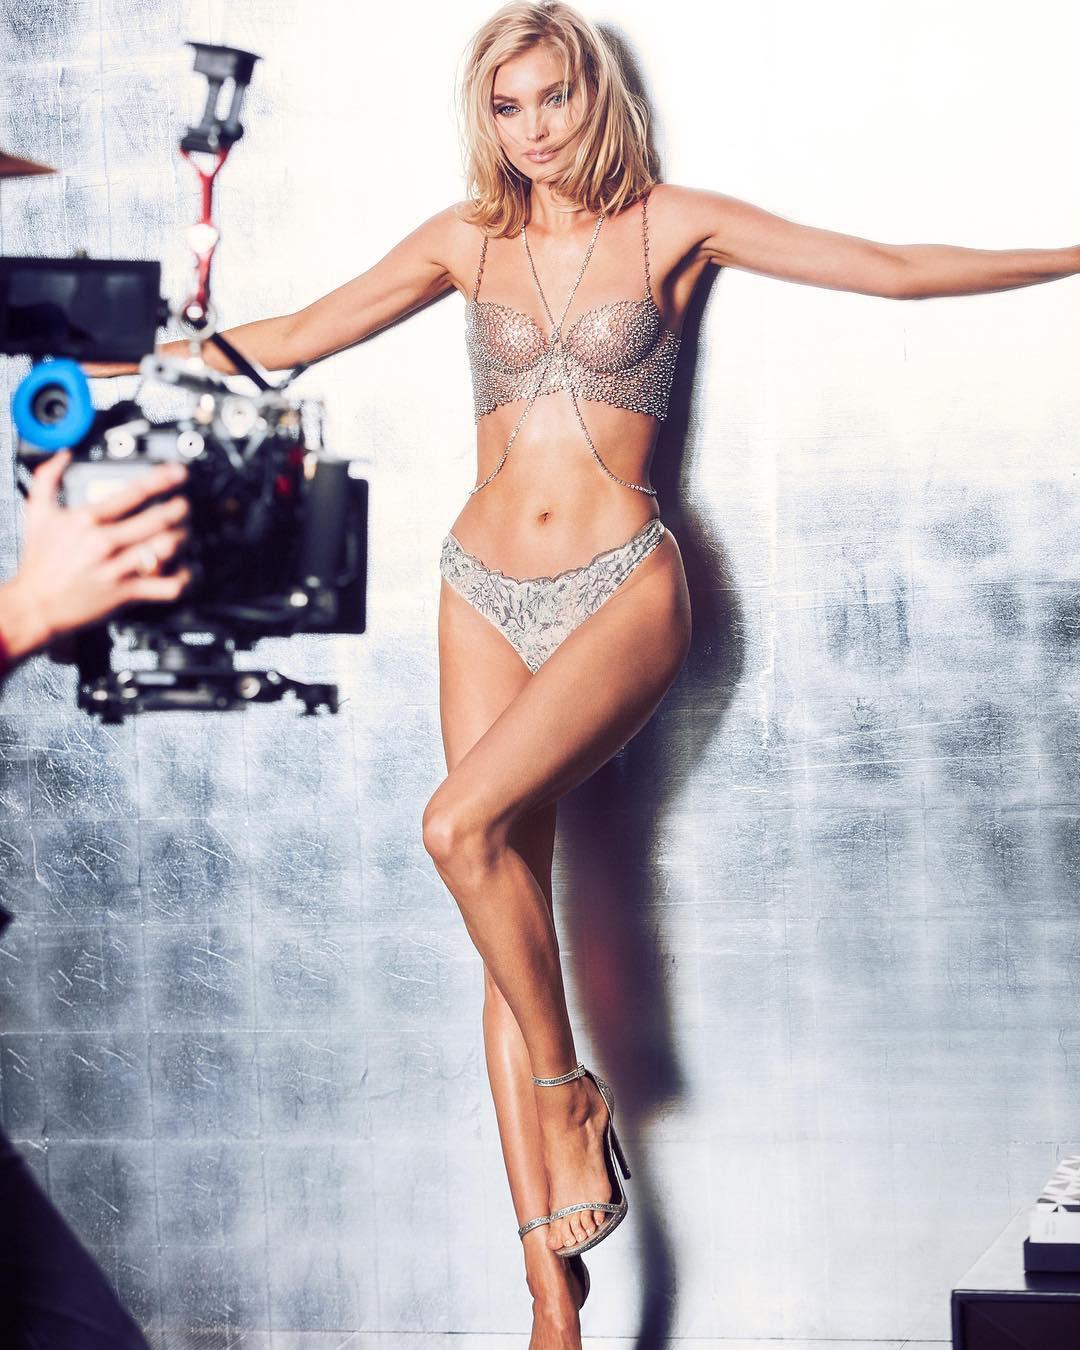 HOT: Lộ diện Fantasy Bra giá 23 tỉ VNĐ của Victorias Secret Fashion Show 2018 nhưng người được diện nó mới là điều bất ngờ nhất - Ảnh 5.